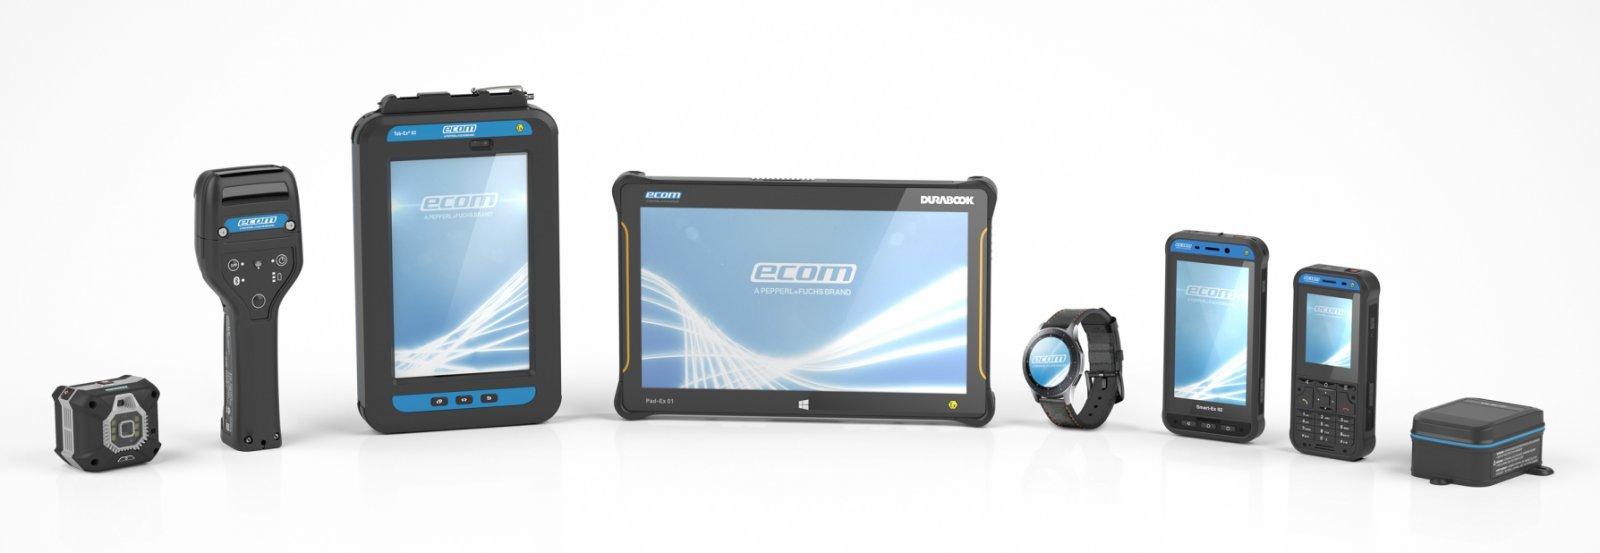 Smart-Ex 02 – стандарт для искробезопасных смартфонов для зоны 1/21 и Div. 1